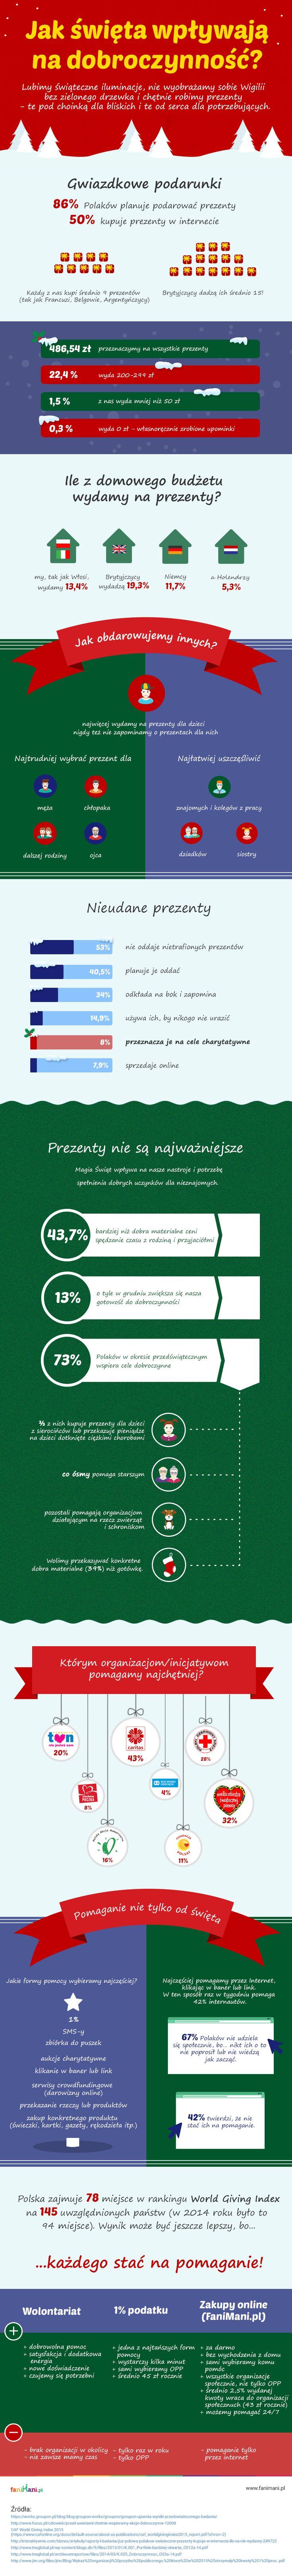 Jak Święta wpływają na dobroczynność?  #ManiaWspierania #nonprofitPL